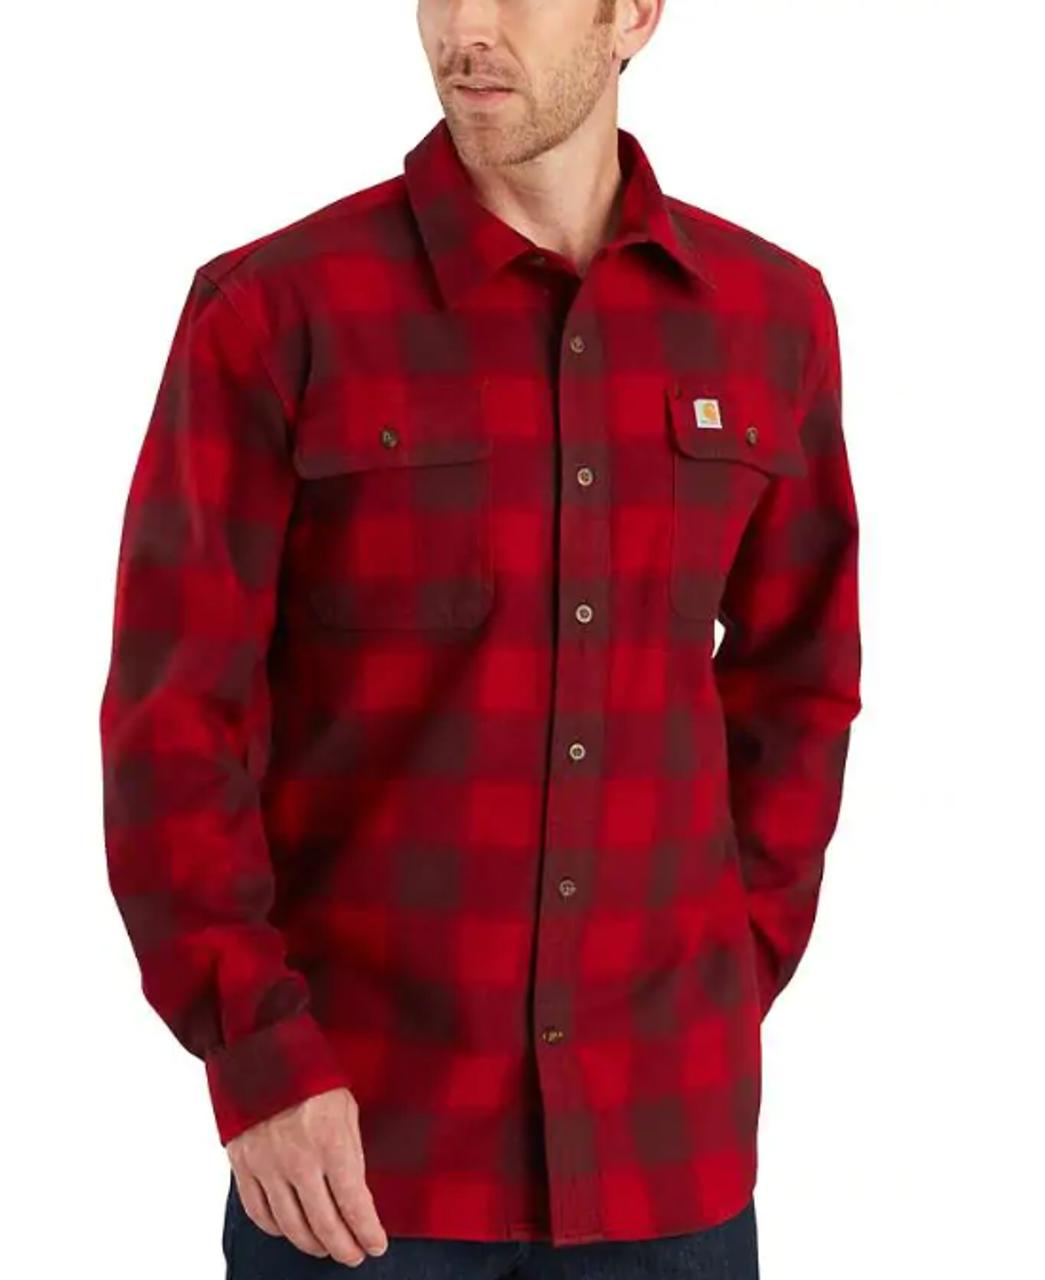 najwyższa jakość najnowsza zniżka szczegóły Men's Carhartt Hubbard Plaid Flannel Shirt